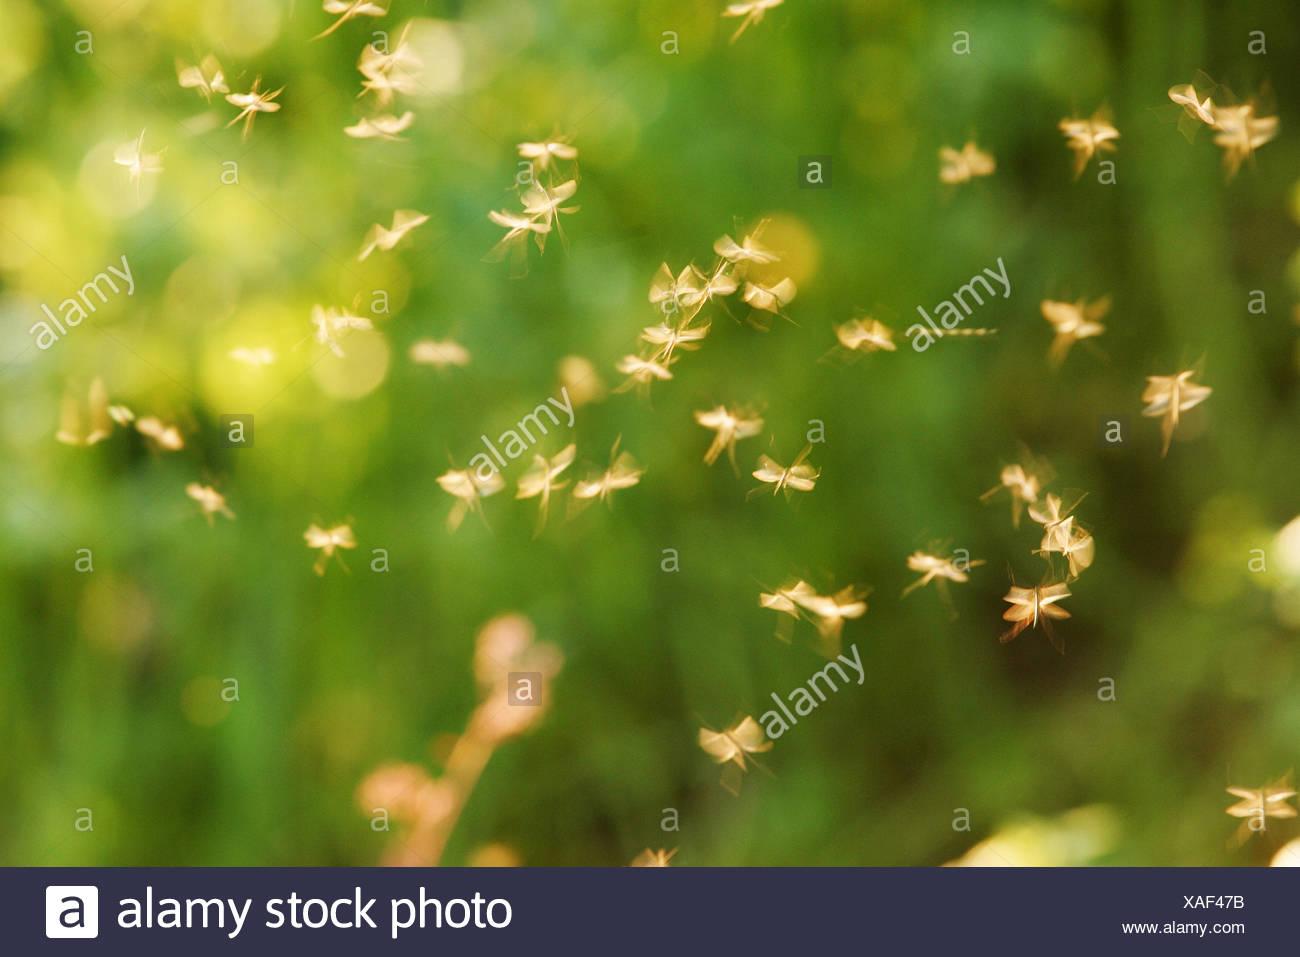 Sciame di zanzare, luce posteriore, insetti, Stechmücken, zanzare, zanzare, Gelsen, Culicidae, succhiasangue, vettori, parassiti, piccolo, minuscolo, molti, leggerezza, facilità, transitorietà, whirr, ronzio, volare tiresomely, natura, animali, luce posteriore Immagini Stock